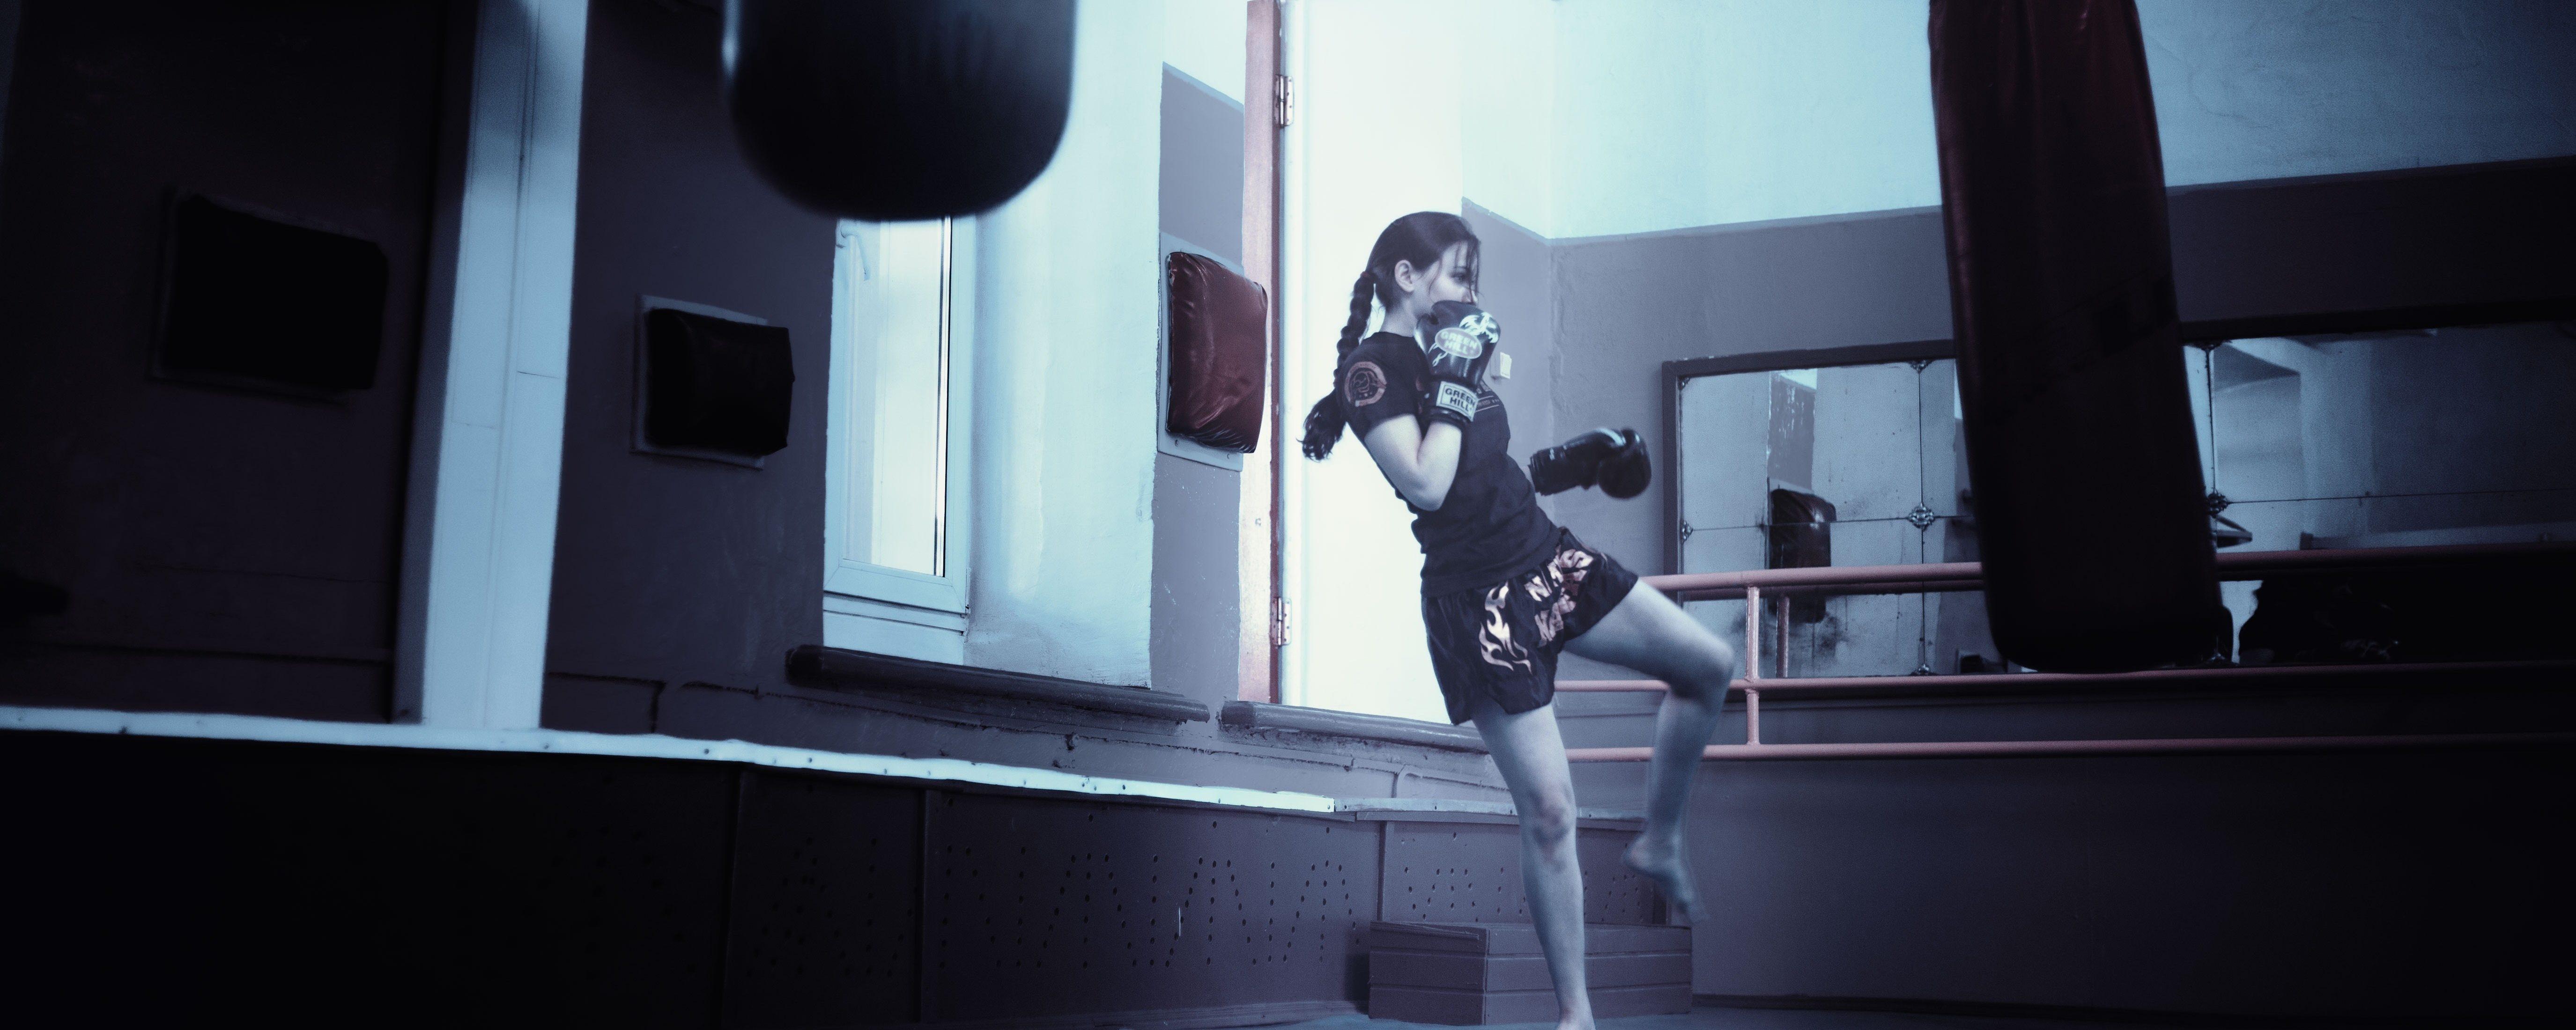 LGBT MMA Fighter Breaks Skull of Female Opponent